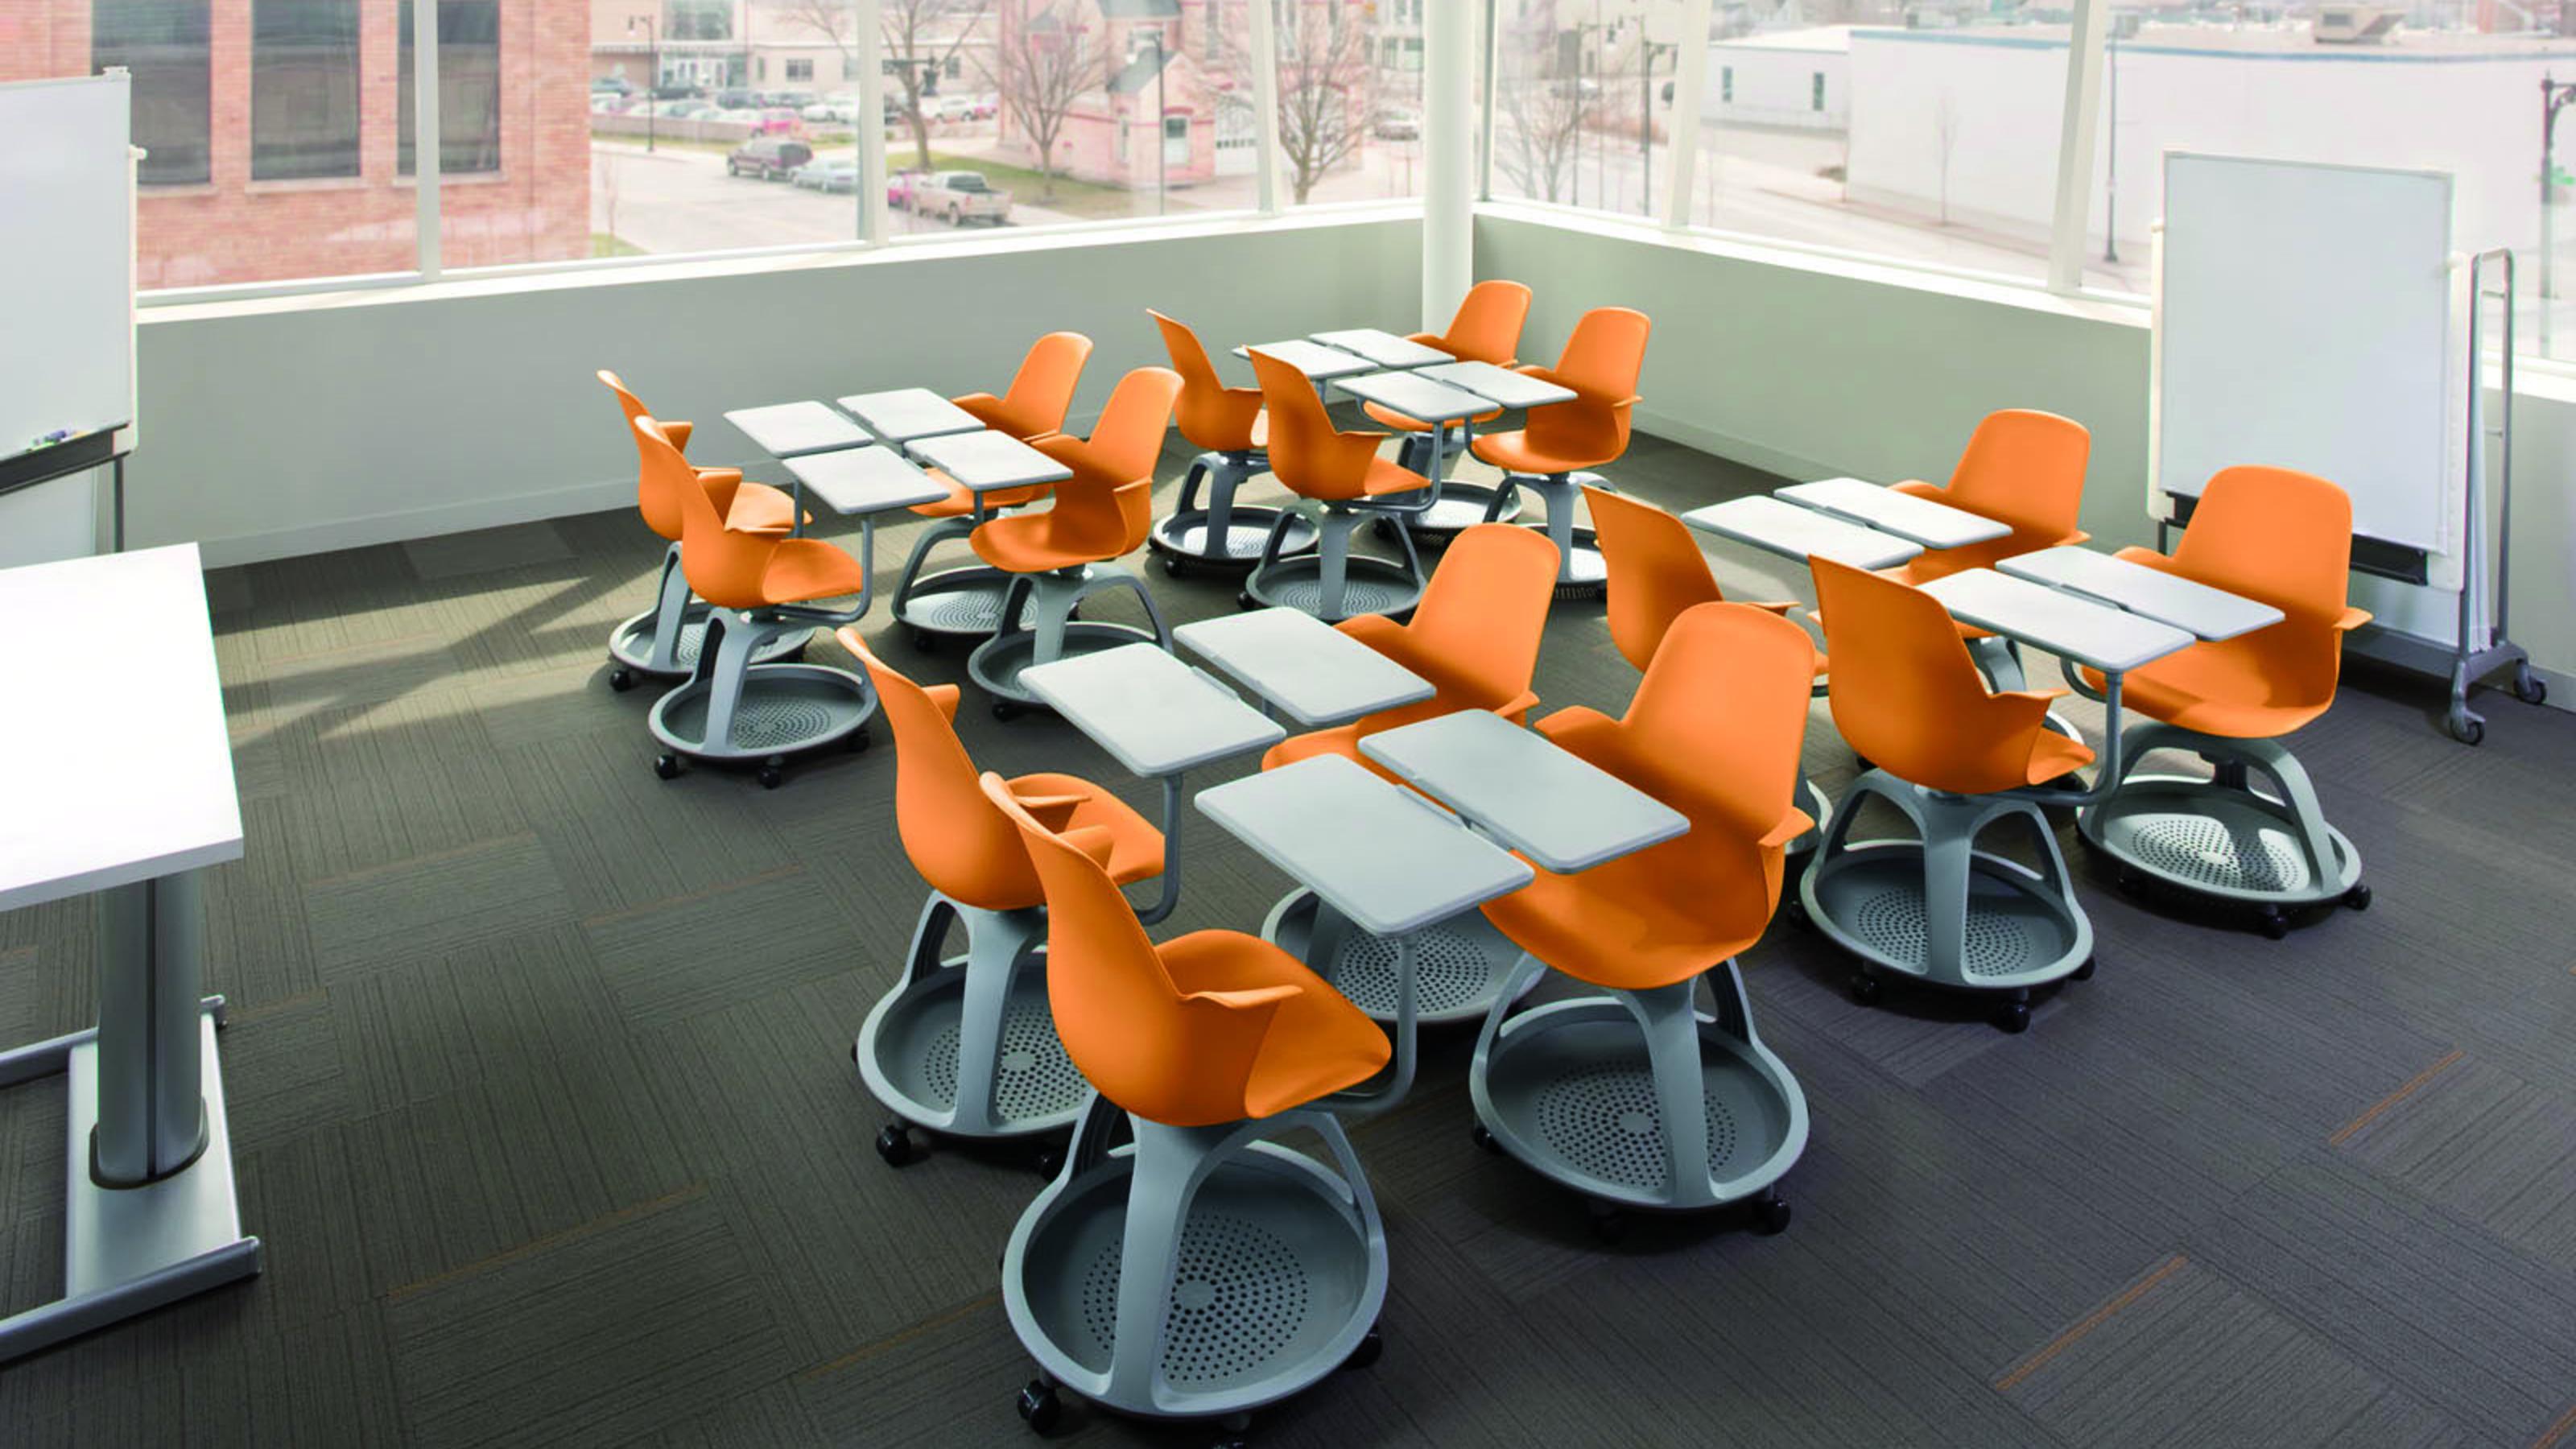 Diseño del Aula en la Implicación de los Estudiantes - Steelcase